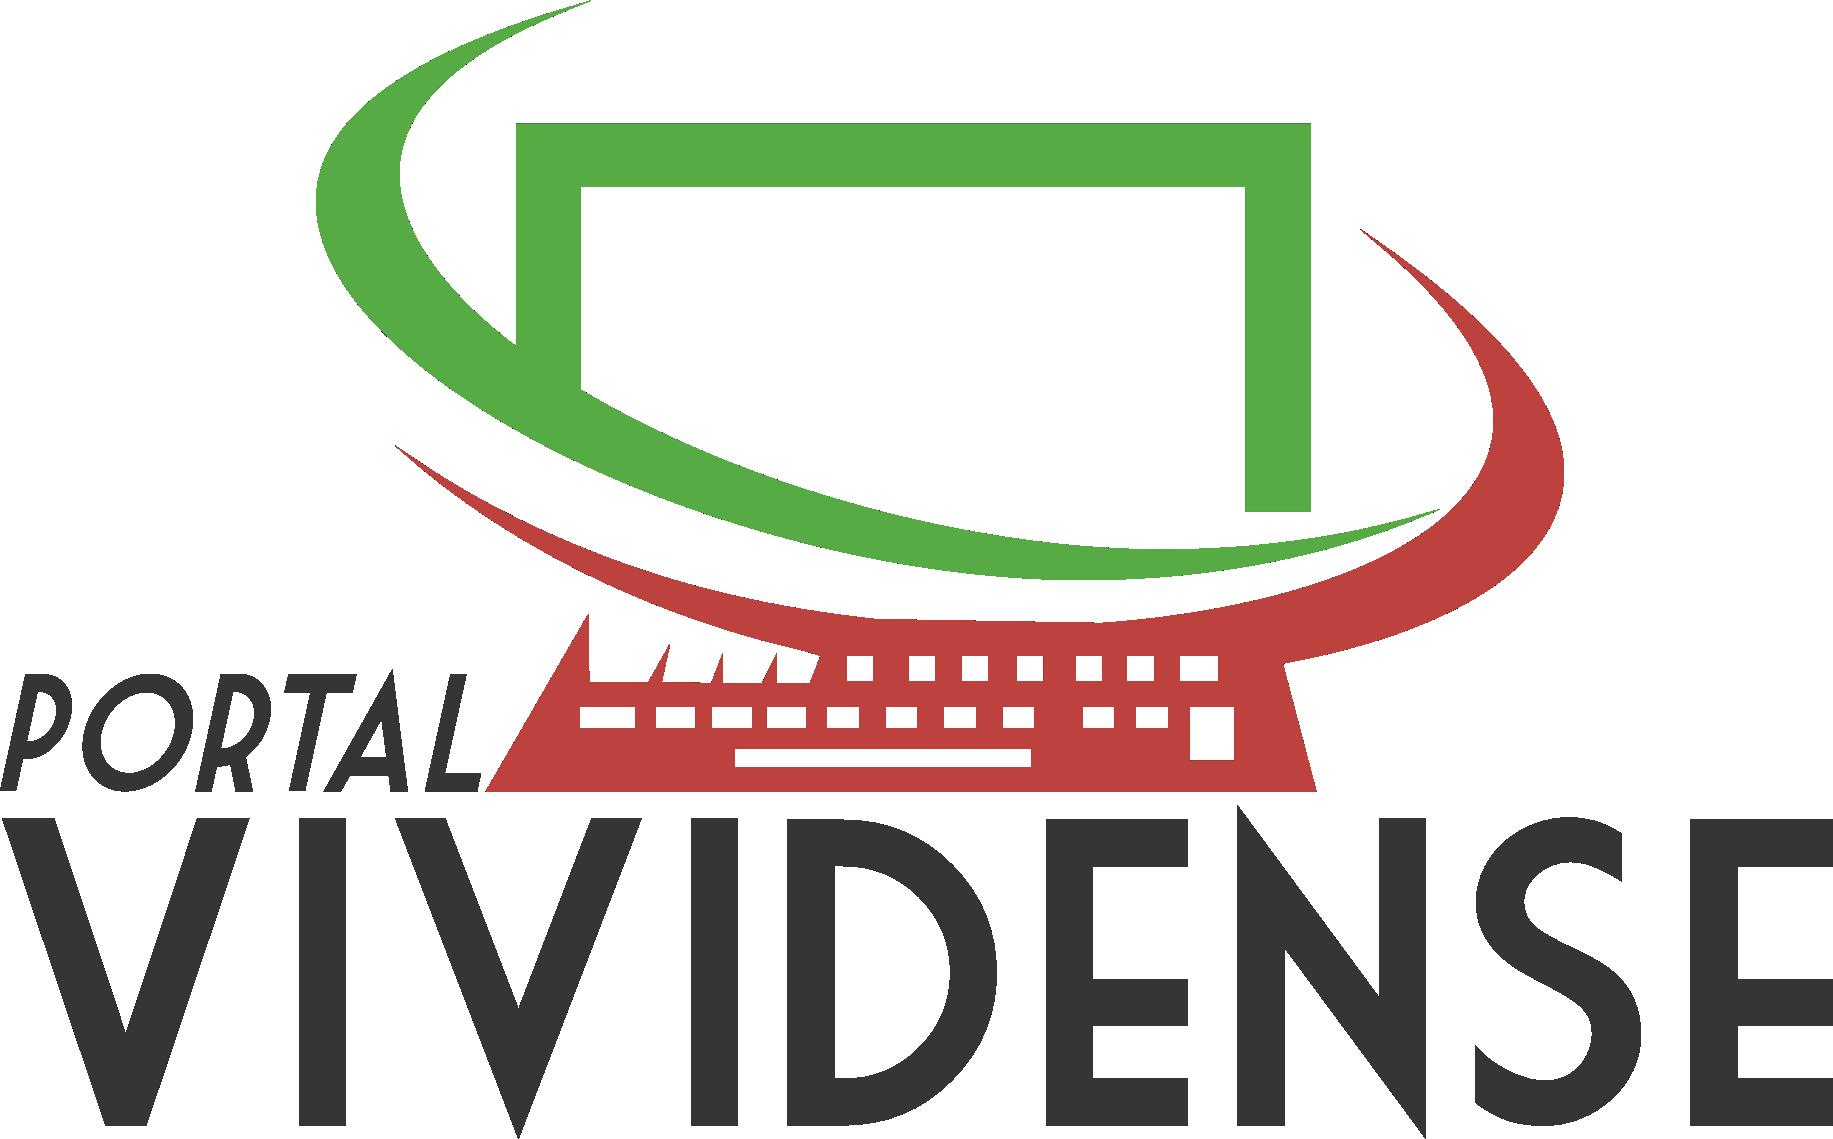 Portal Vividense